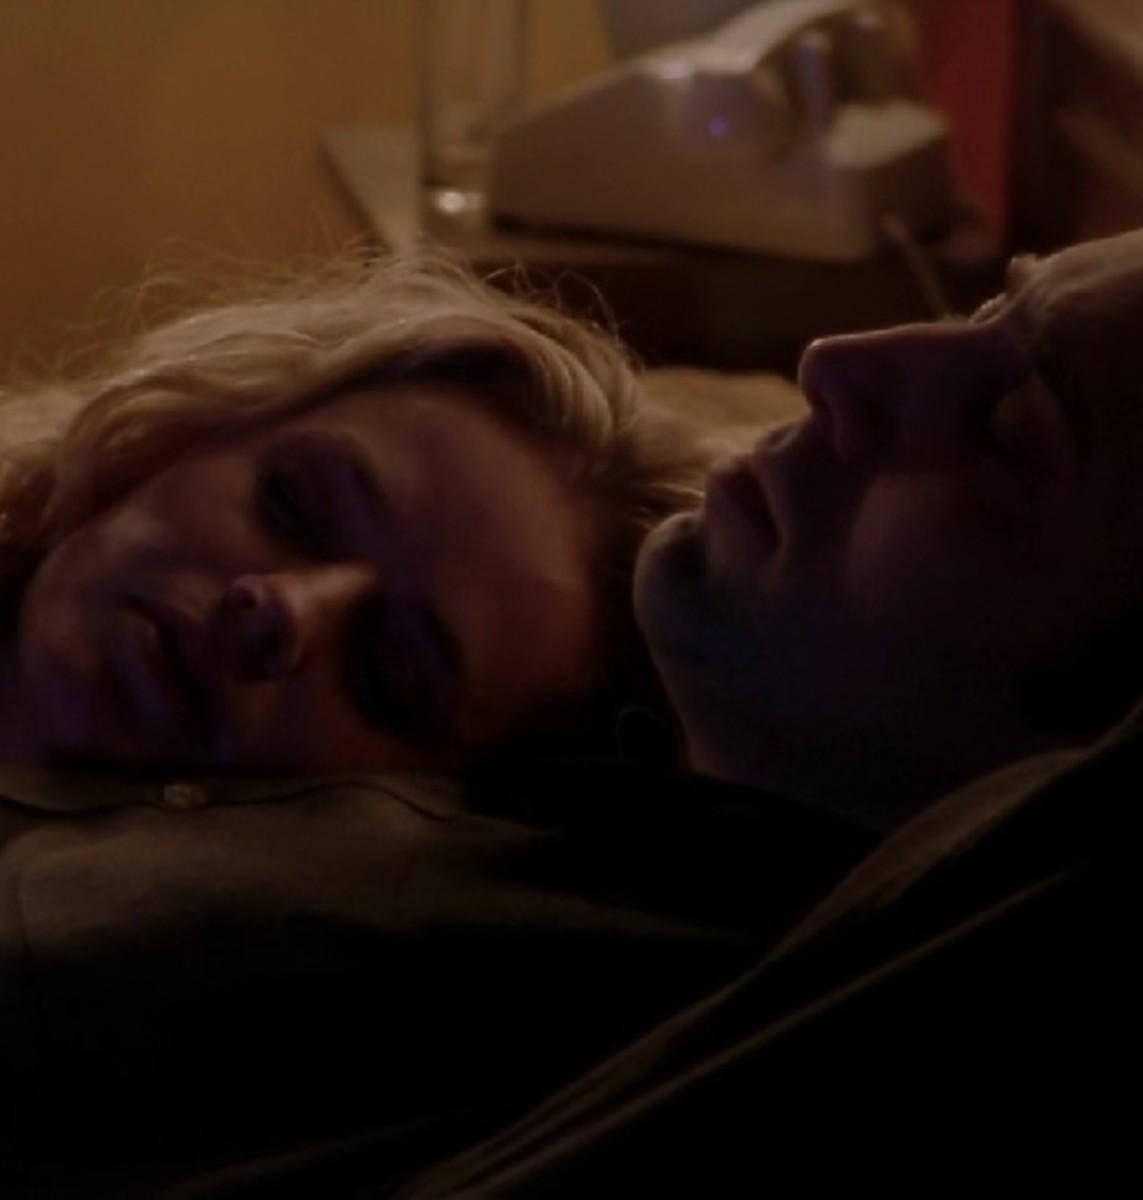 Nicholas Cage and Elizabeth Shue in Leaving las vegas.